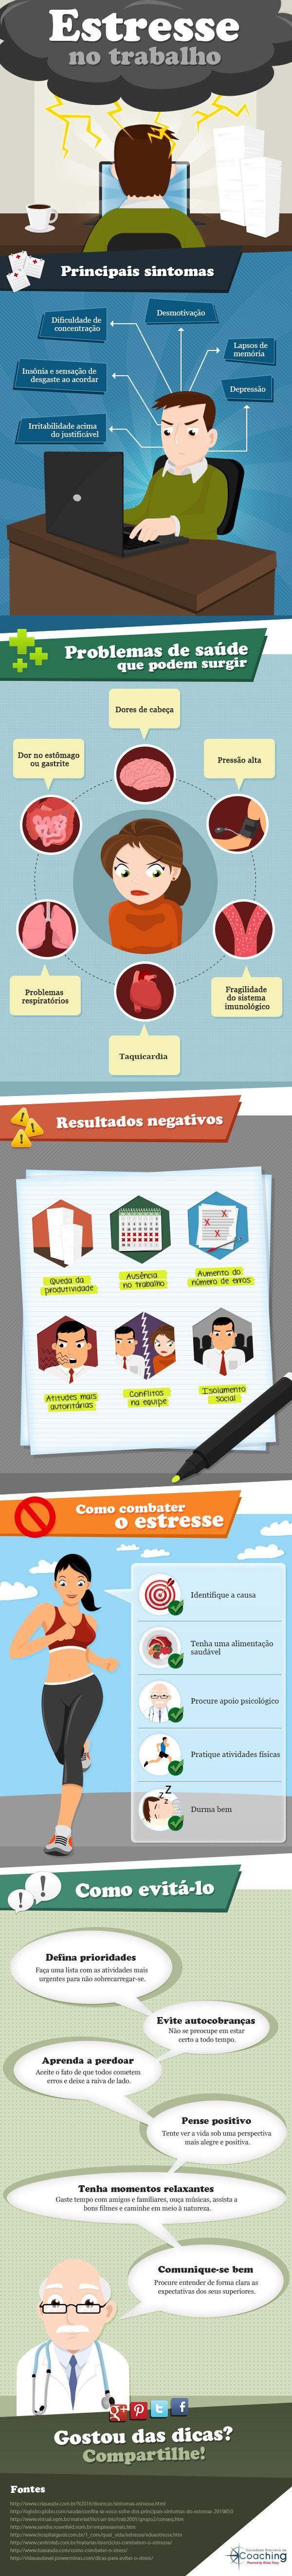 Estresse no trabalho - Dicas para combater o estresse no trabalho